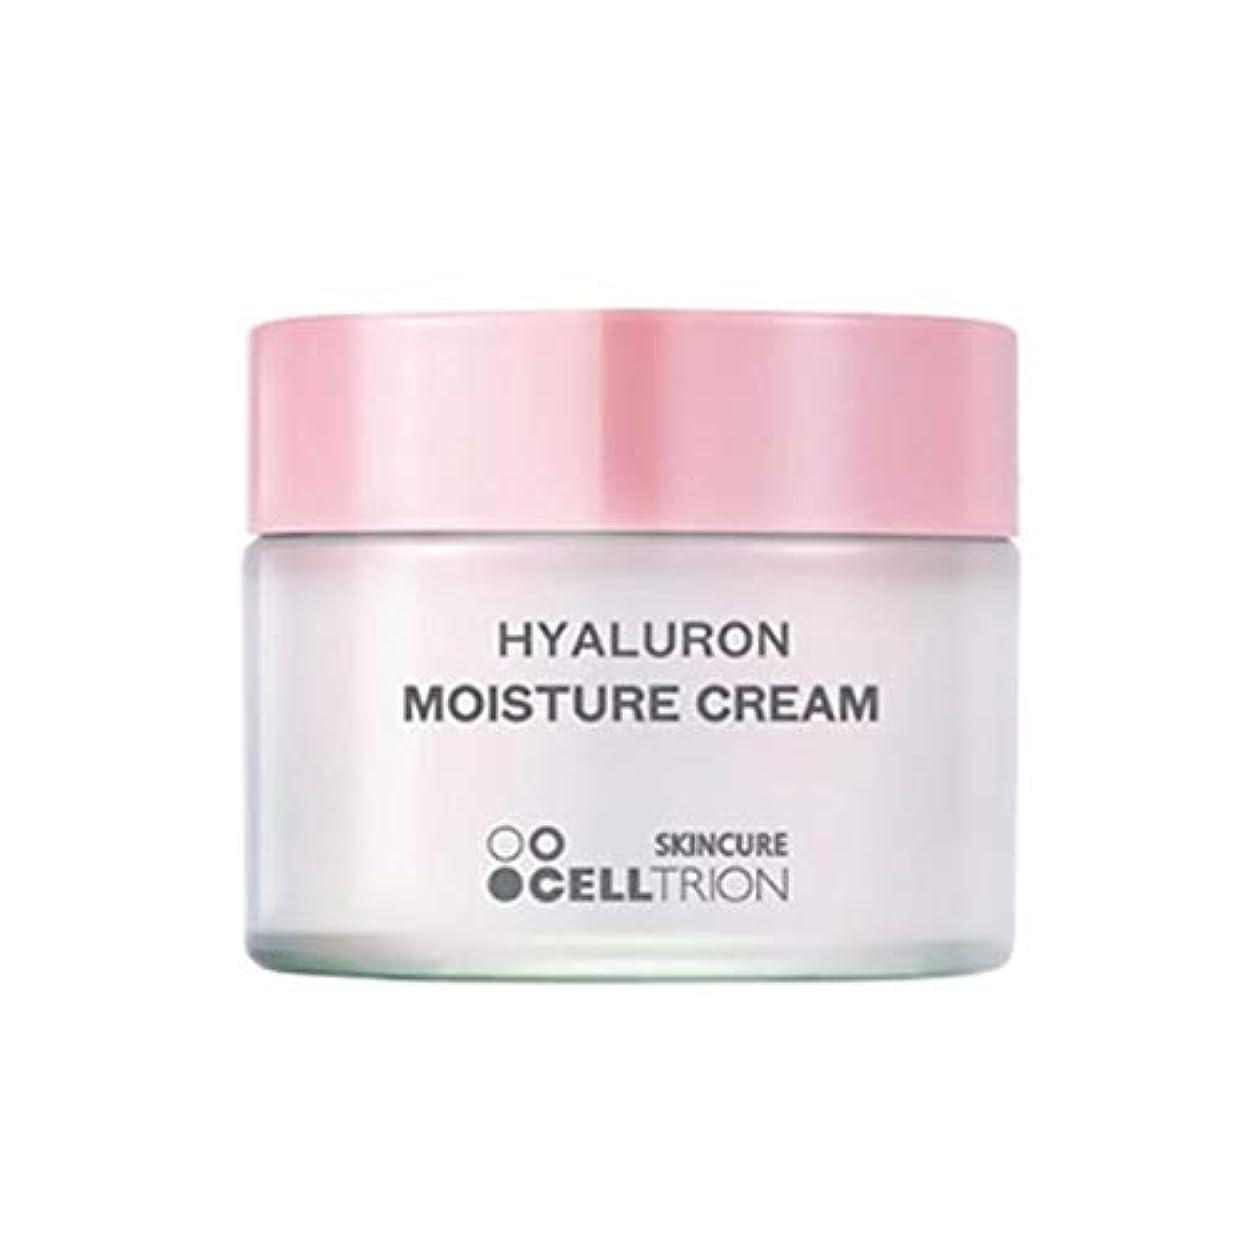 通知最も早い収容するセルトリオンスキンキュアヒアルロンモイスチャークリーム50gしわ改善、Celltrion Skincure Hyaluron Moisture Cream 50g Anti-Wrinkle [並行輸入品]